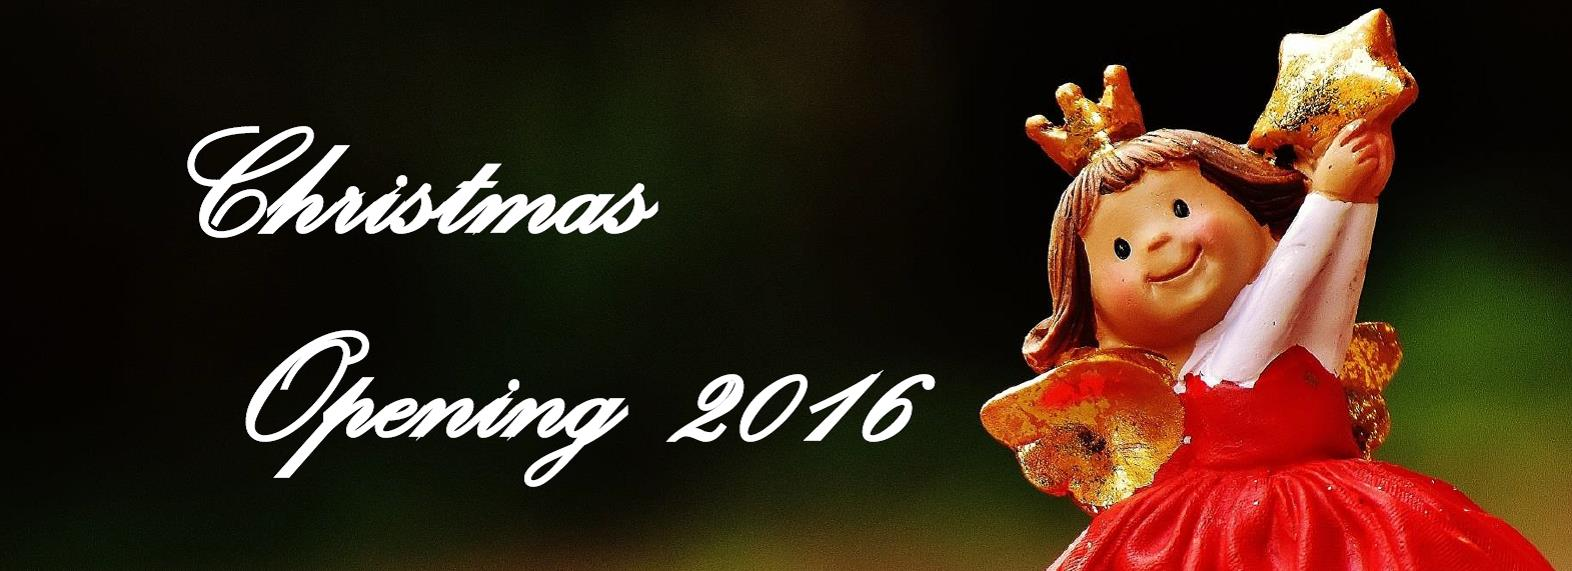 christmasopening-16